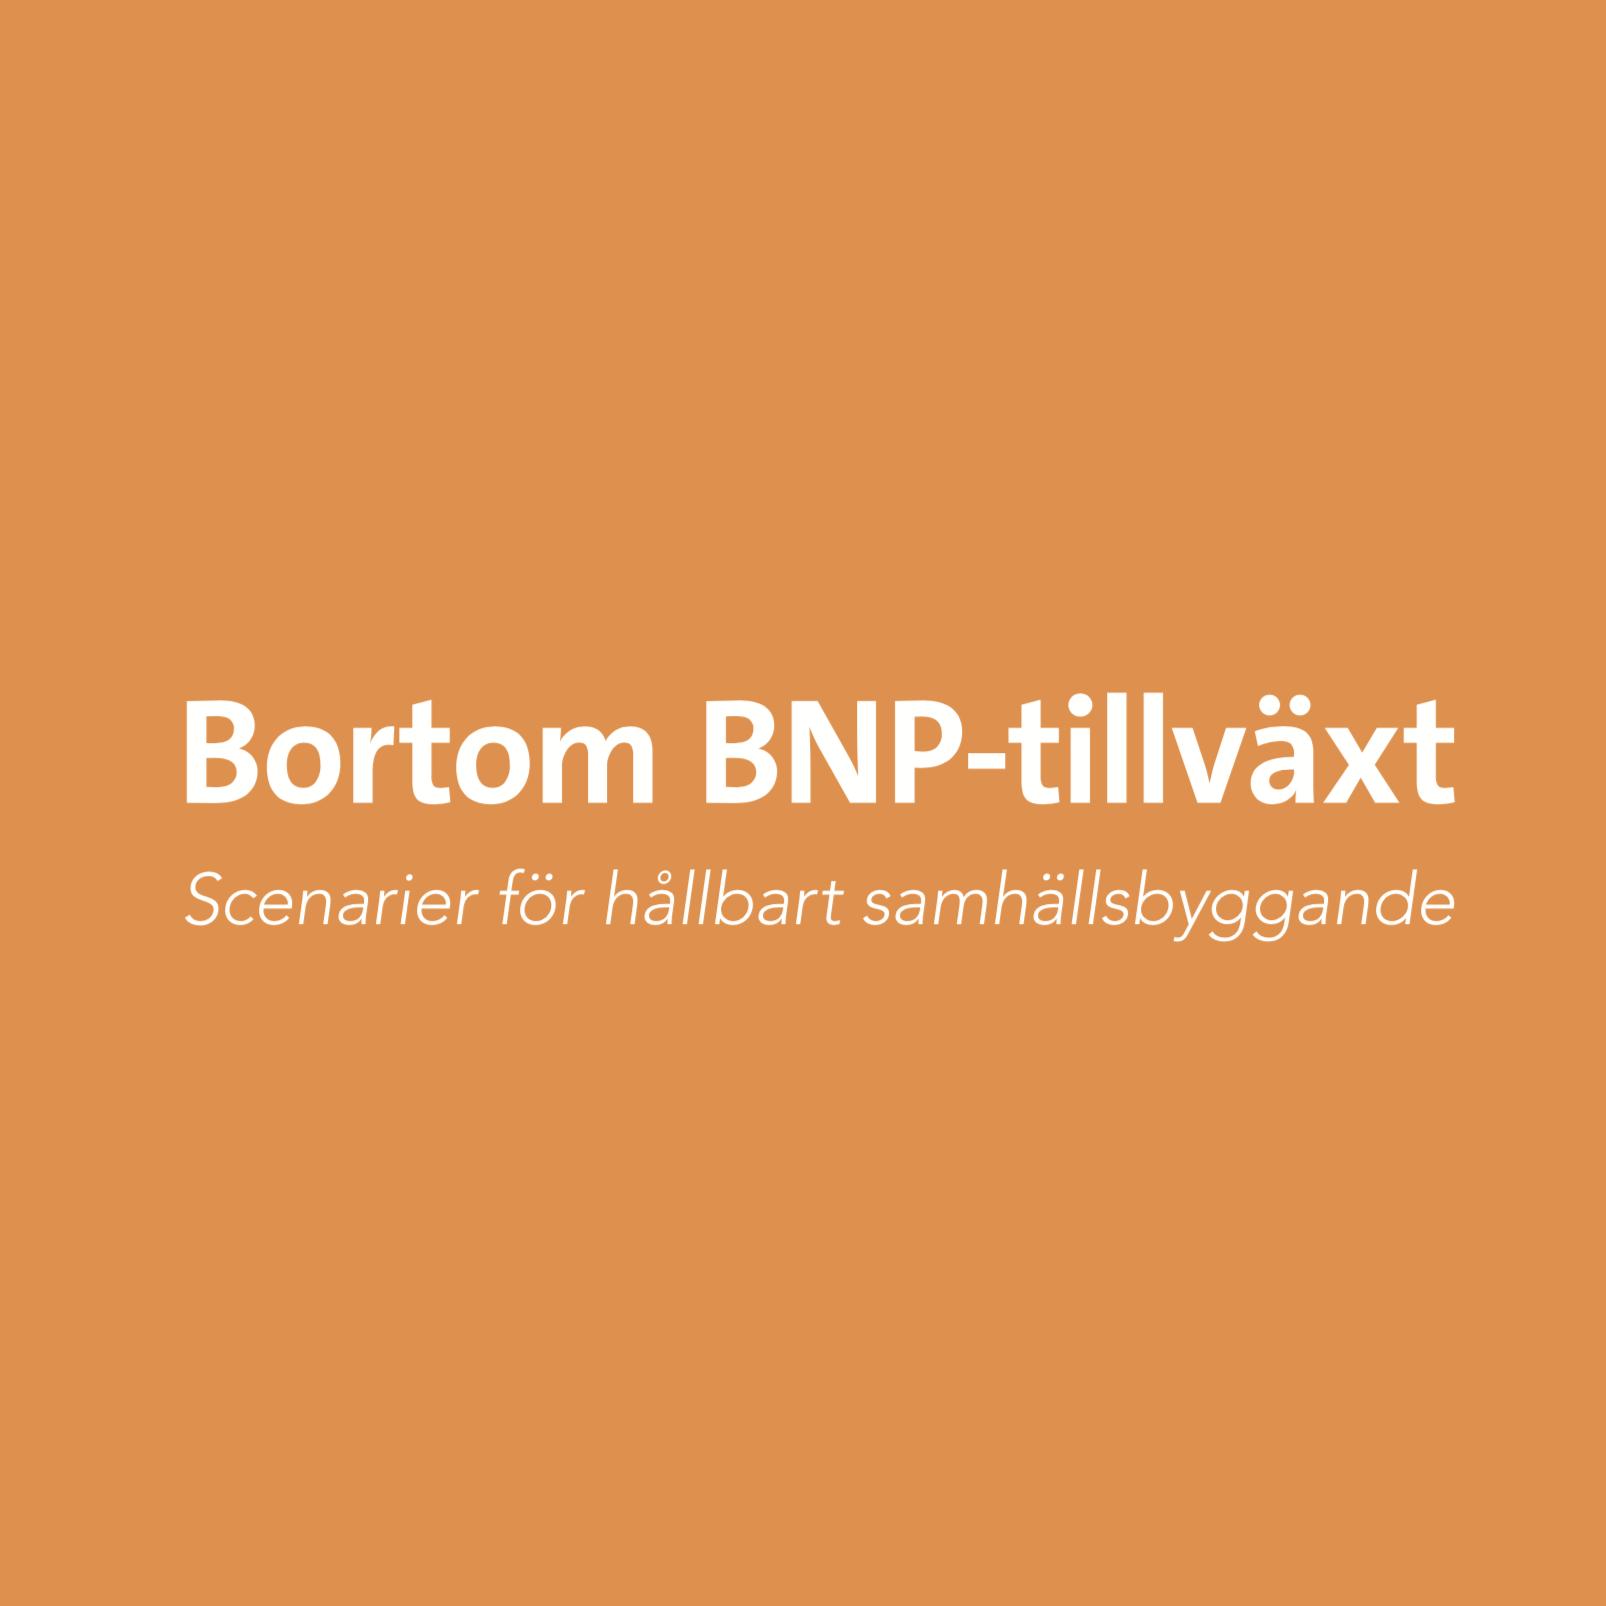 """Dec 10, 2018  Bortom BNP-tillväxt   Denna broschyr är en kortversion av rapporten """"Framtider bortom BNP-tillväxt. Slutrapport från forskningsprogrammet 'Bortom BNP-tillväxt: Scenarier för hållbart samhällsbyggande'."""" Projektet har bestått av forskare från: KTH, Lunds Universitet, Södertörns Högskola, IVL och Vti."""